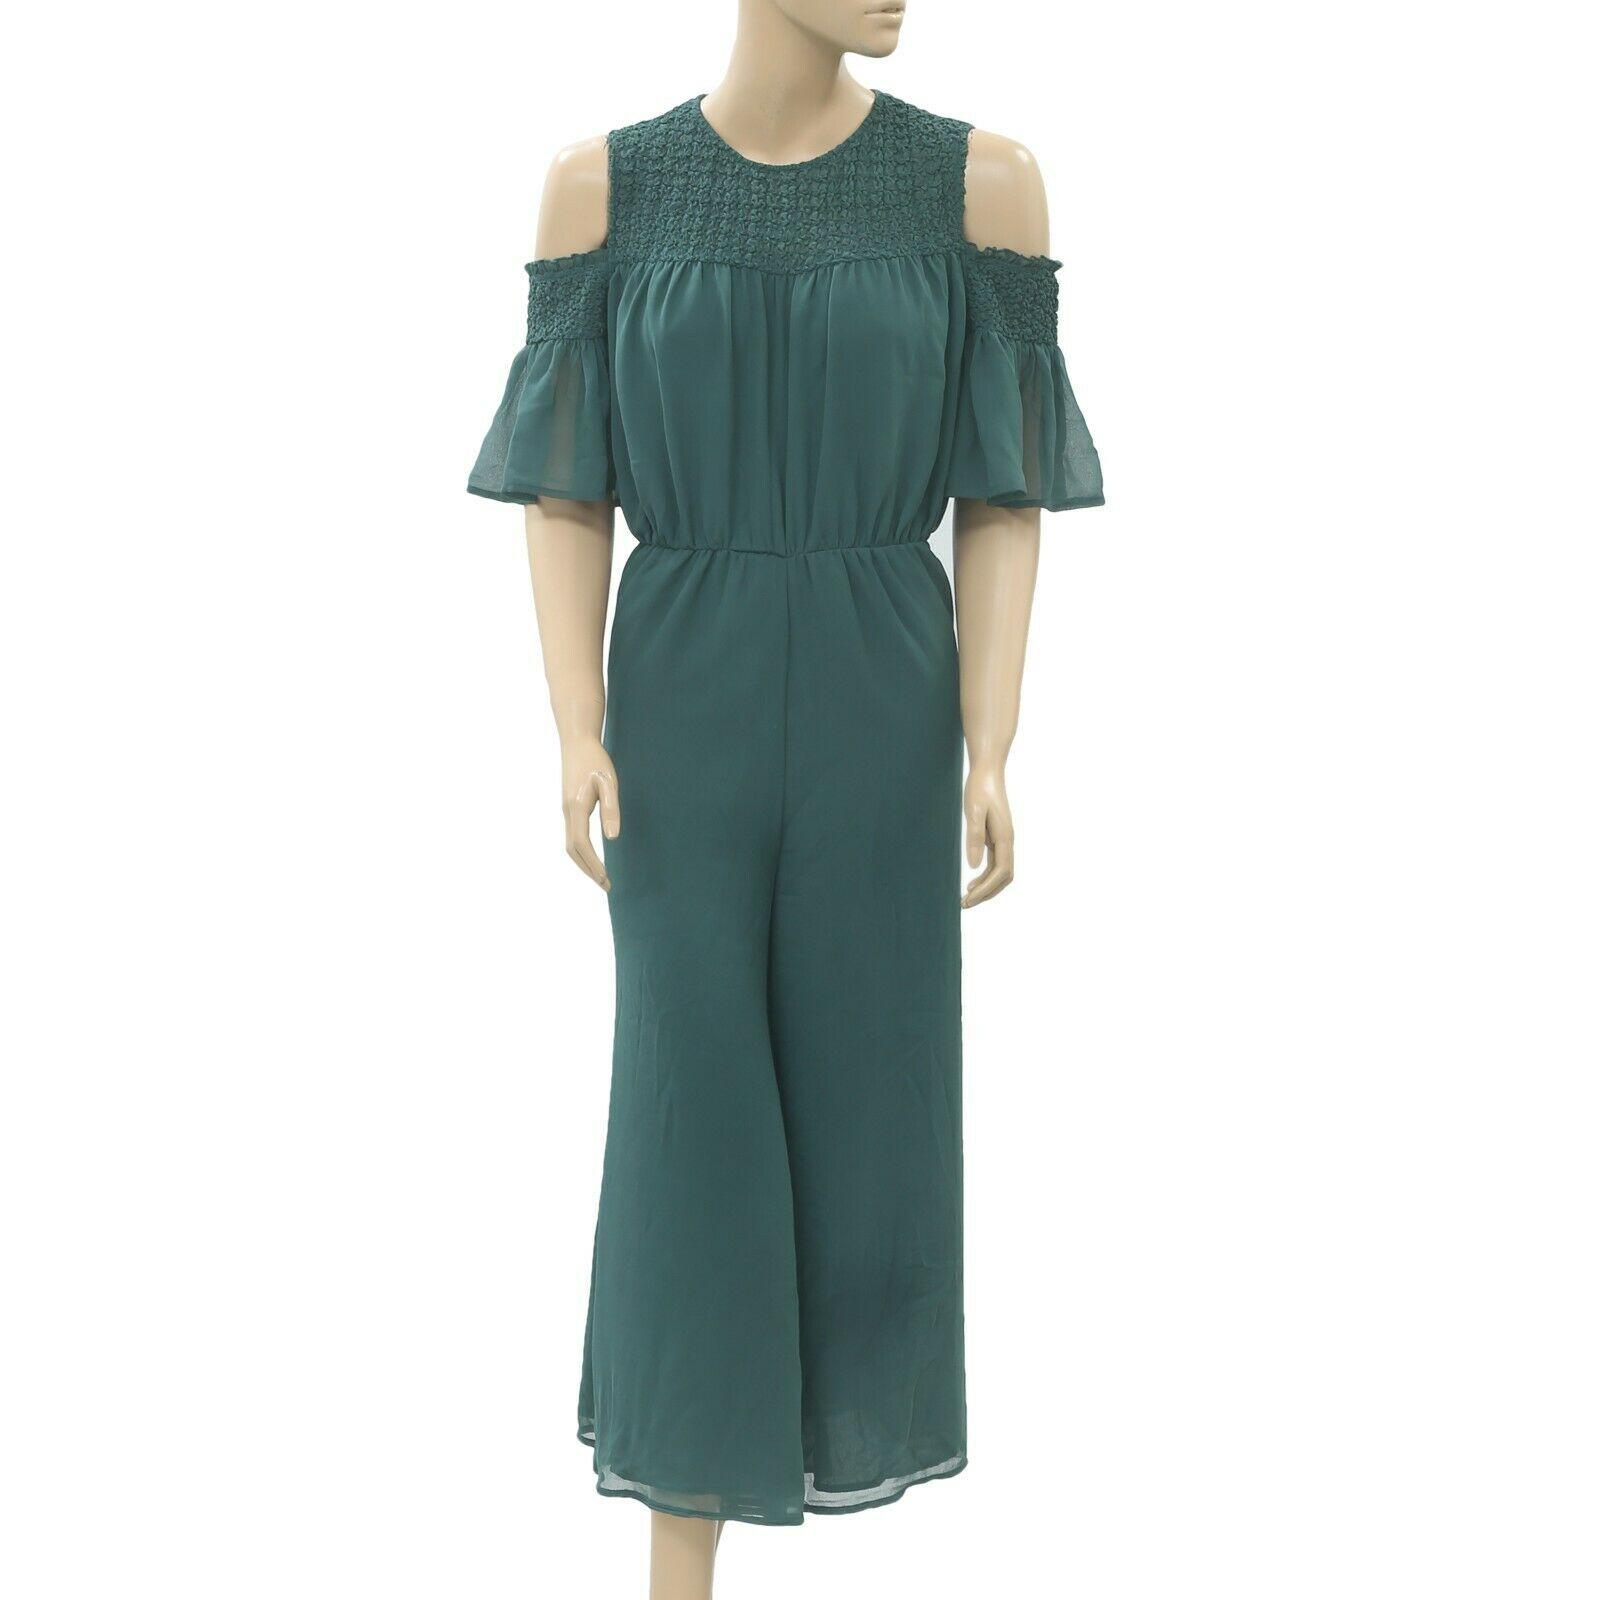 13 Genial Zara Abend Kleid Bester PreisDesigner Top Zara Abend Kleid Boutique